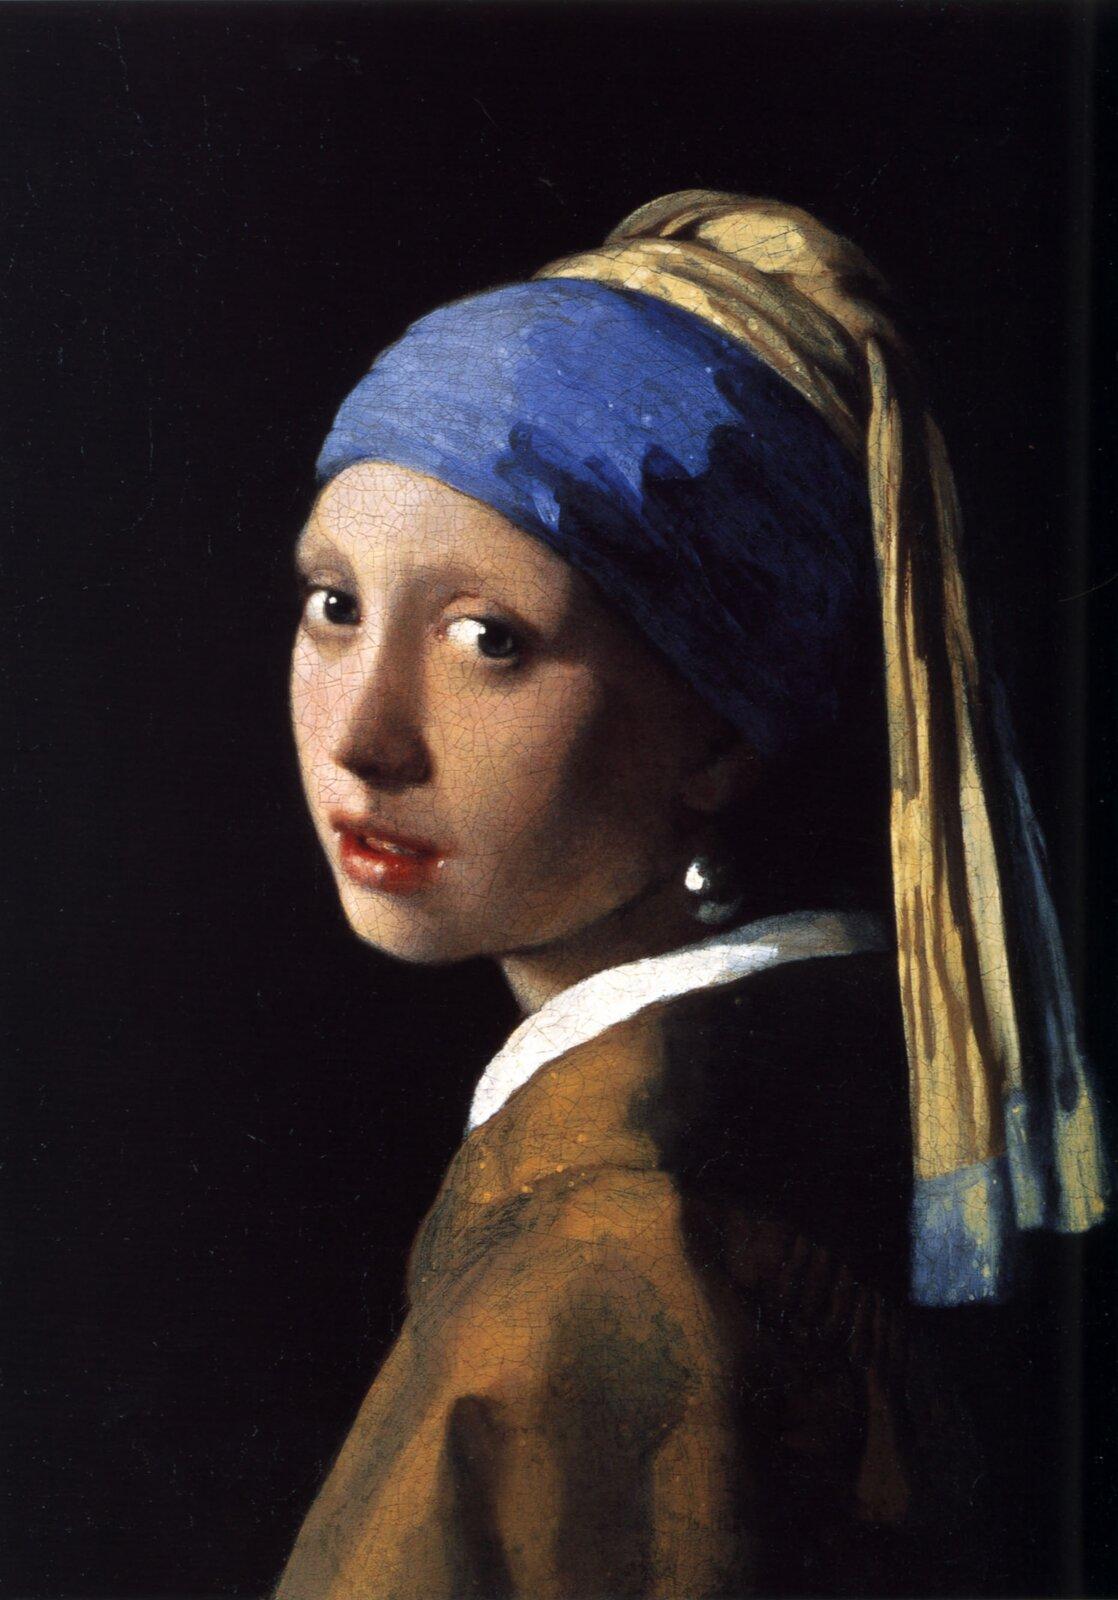 Dziewczyna zperłą Źródło: Jan Vermeer, Dziewczyna zperłą, ok. 1665, olej na płótnie, Royal Picture Gallery Mauritshuis, Holandia, domena publiczna.